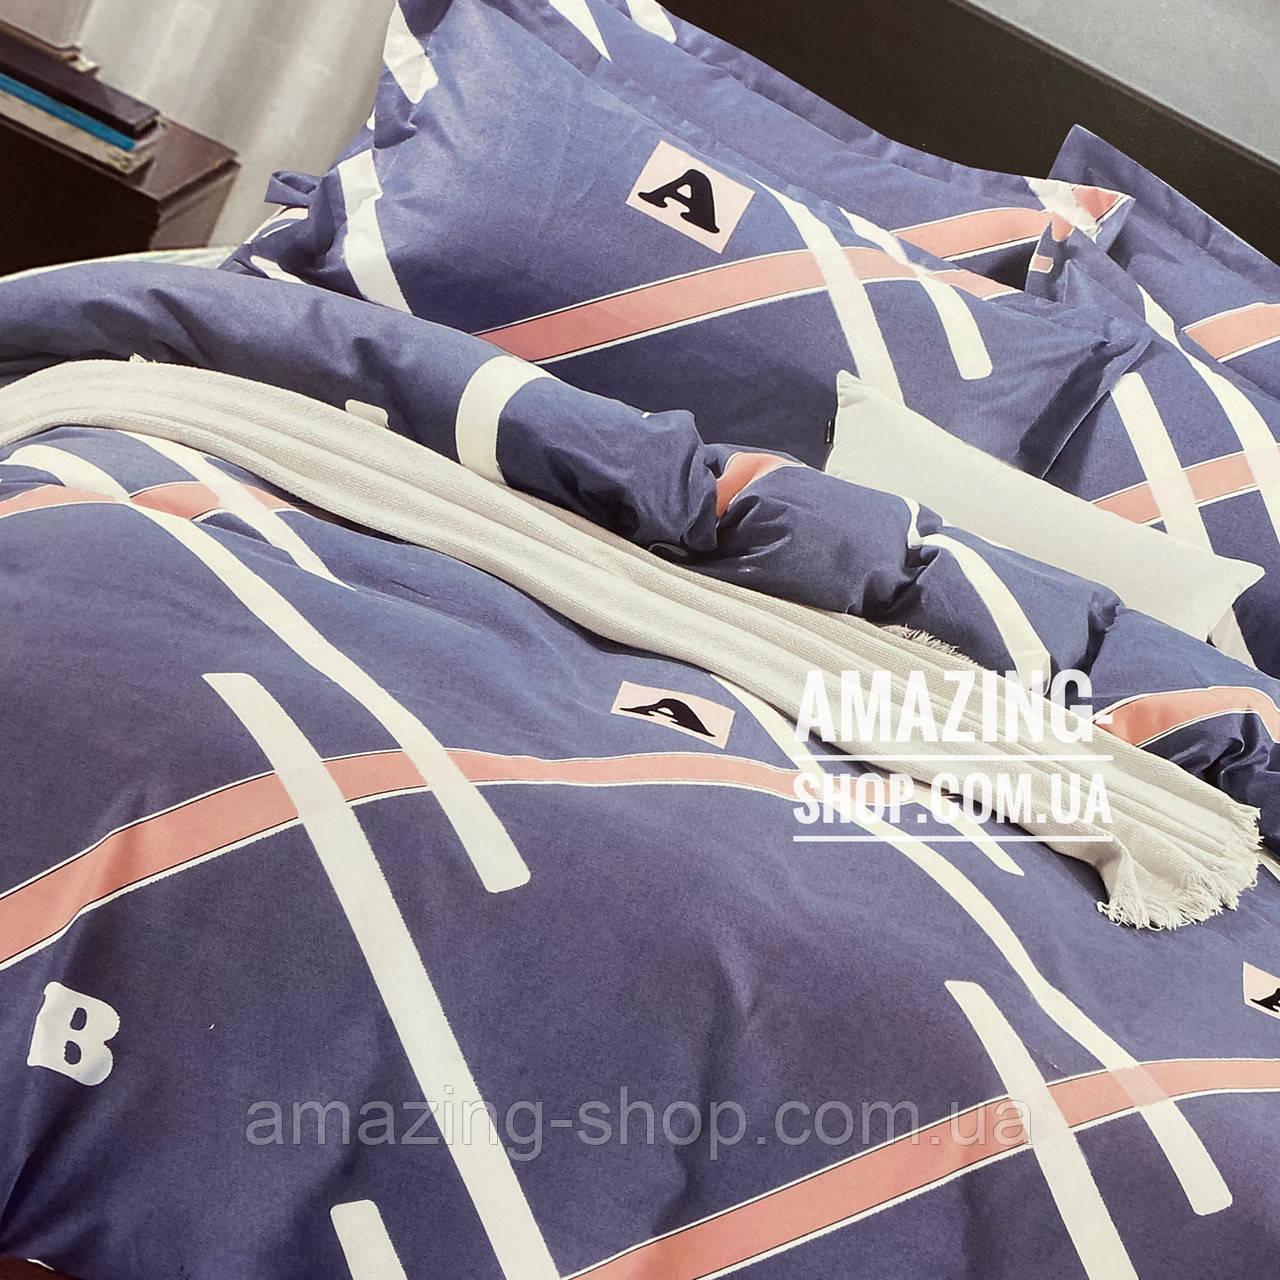 Двоспальне постільна білизна. Двоспальна постільна білизна. Двоспальний комплект постільної білизни з Фланелі.